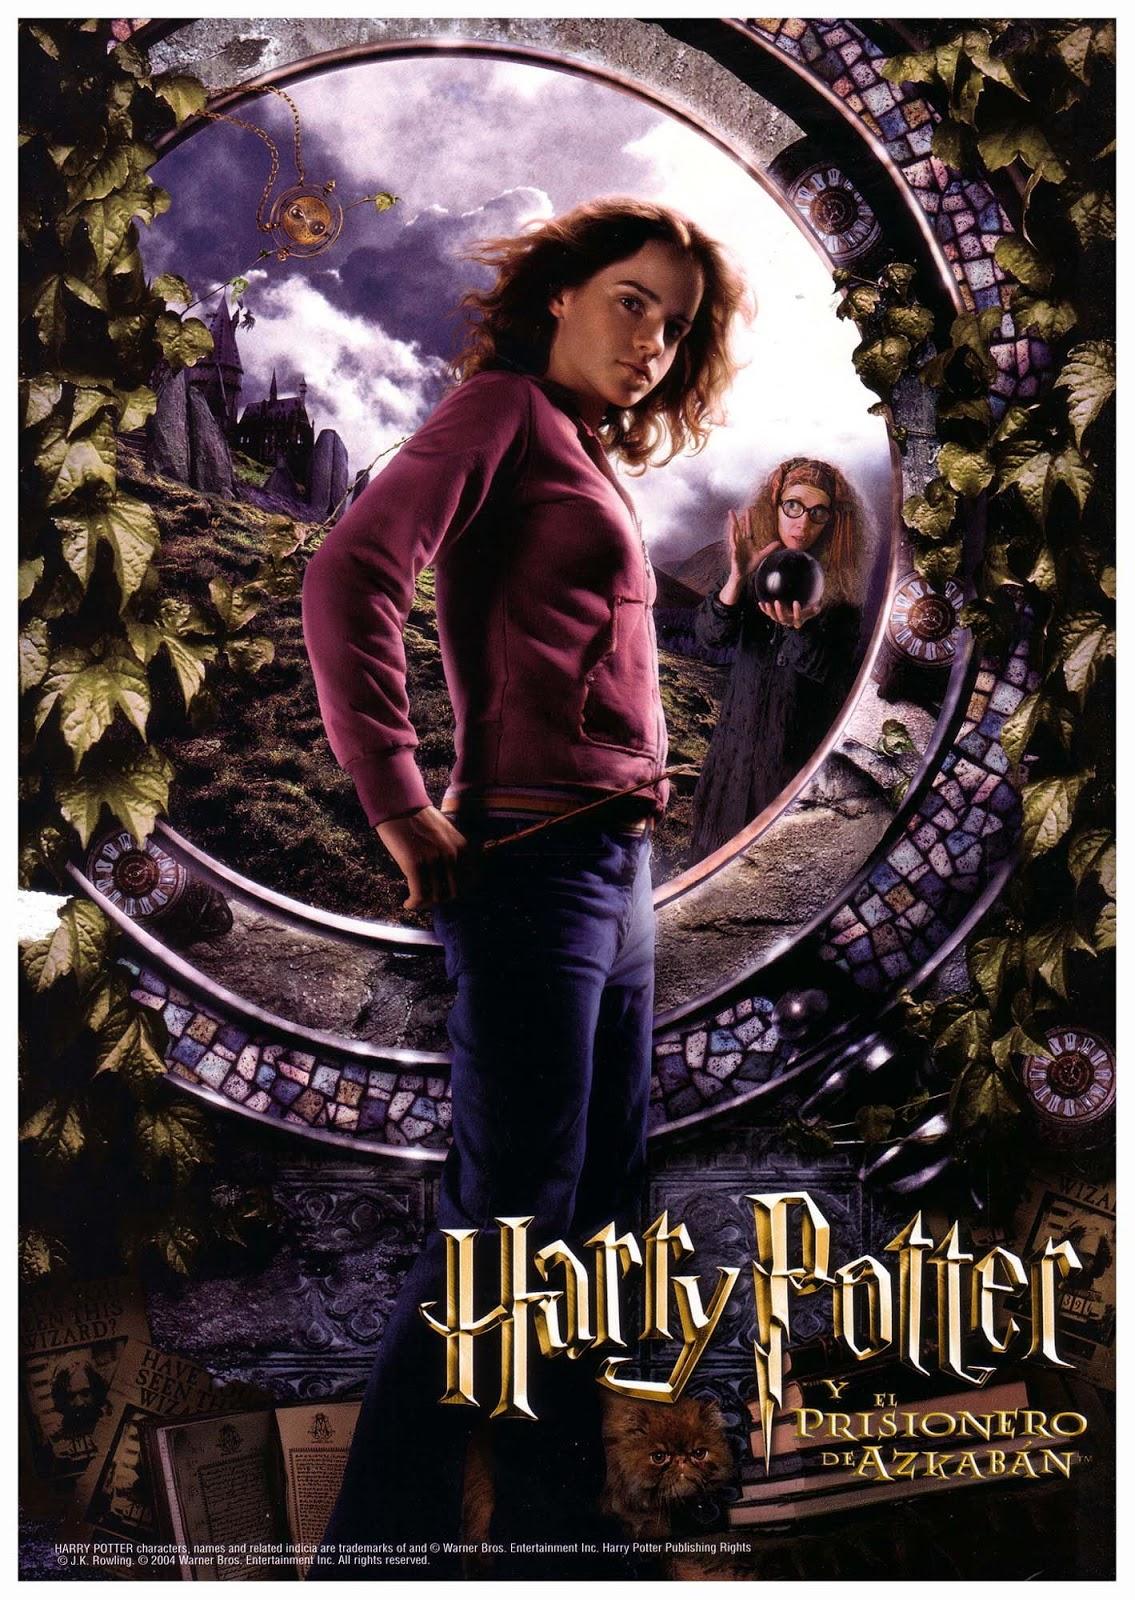 Sociedad Hogwarts: HARRY POTTER Y EL PRISIONERO DE AZKABAN